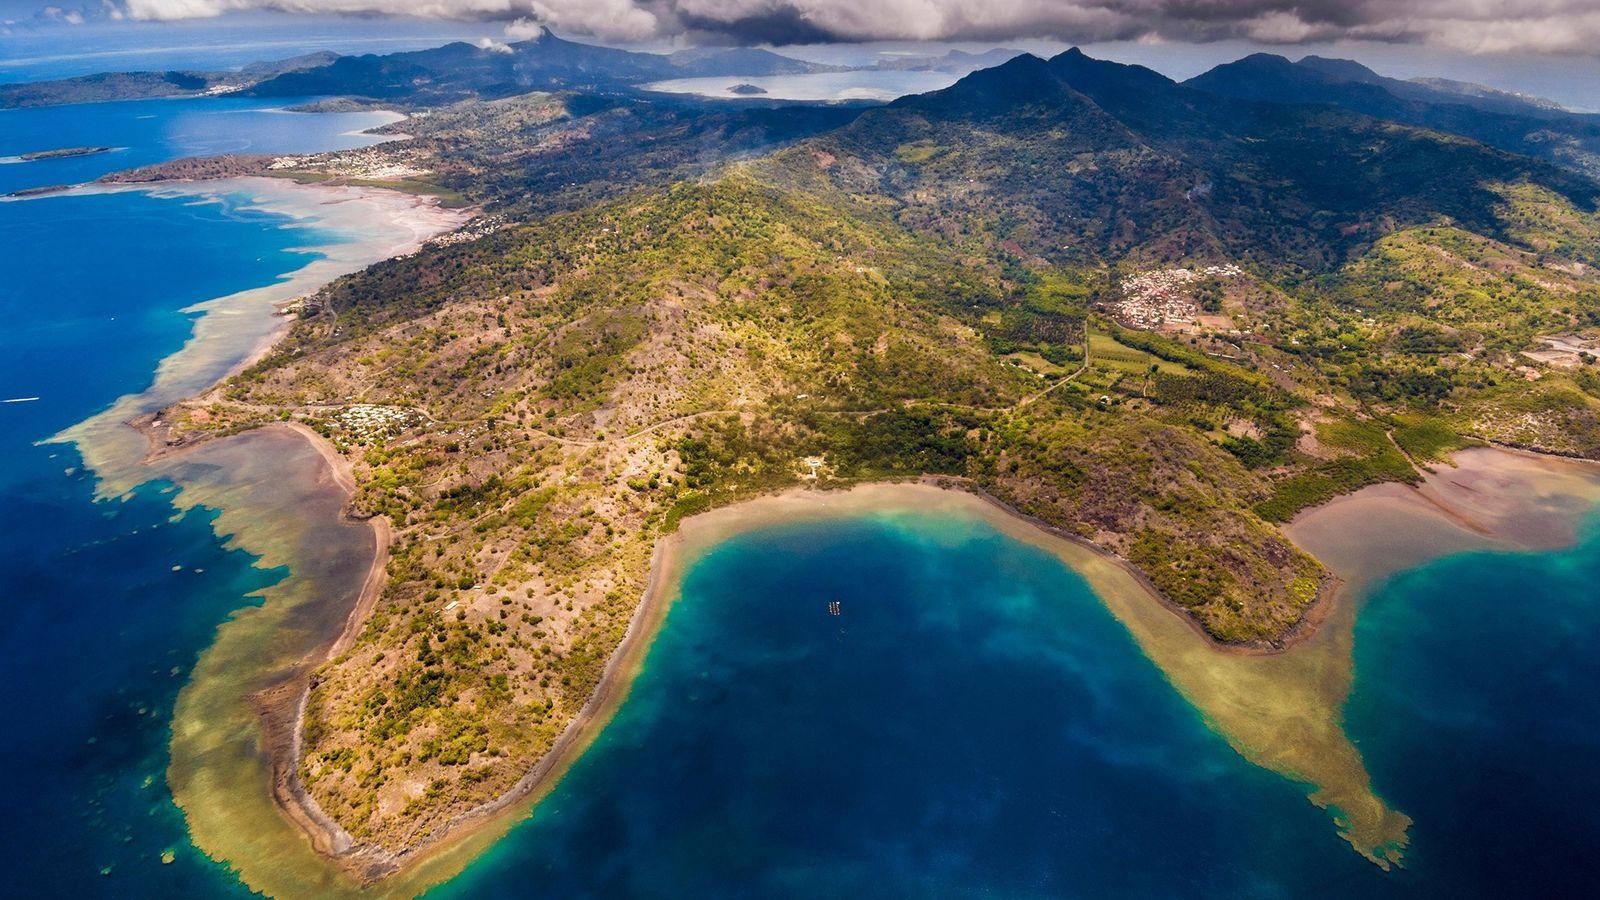 Vue aérienne de la partie sud de Mayotte.